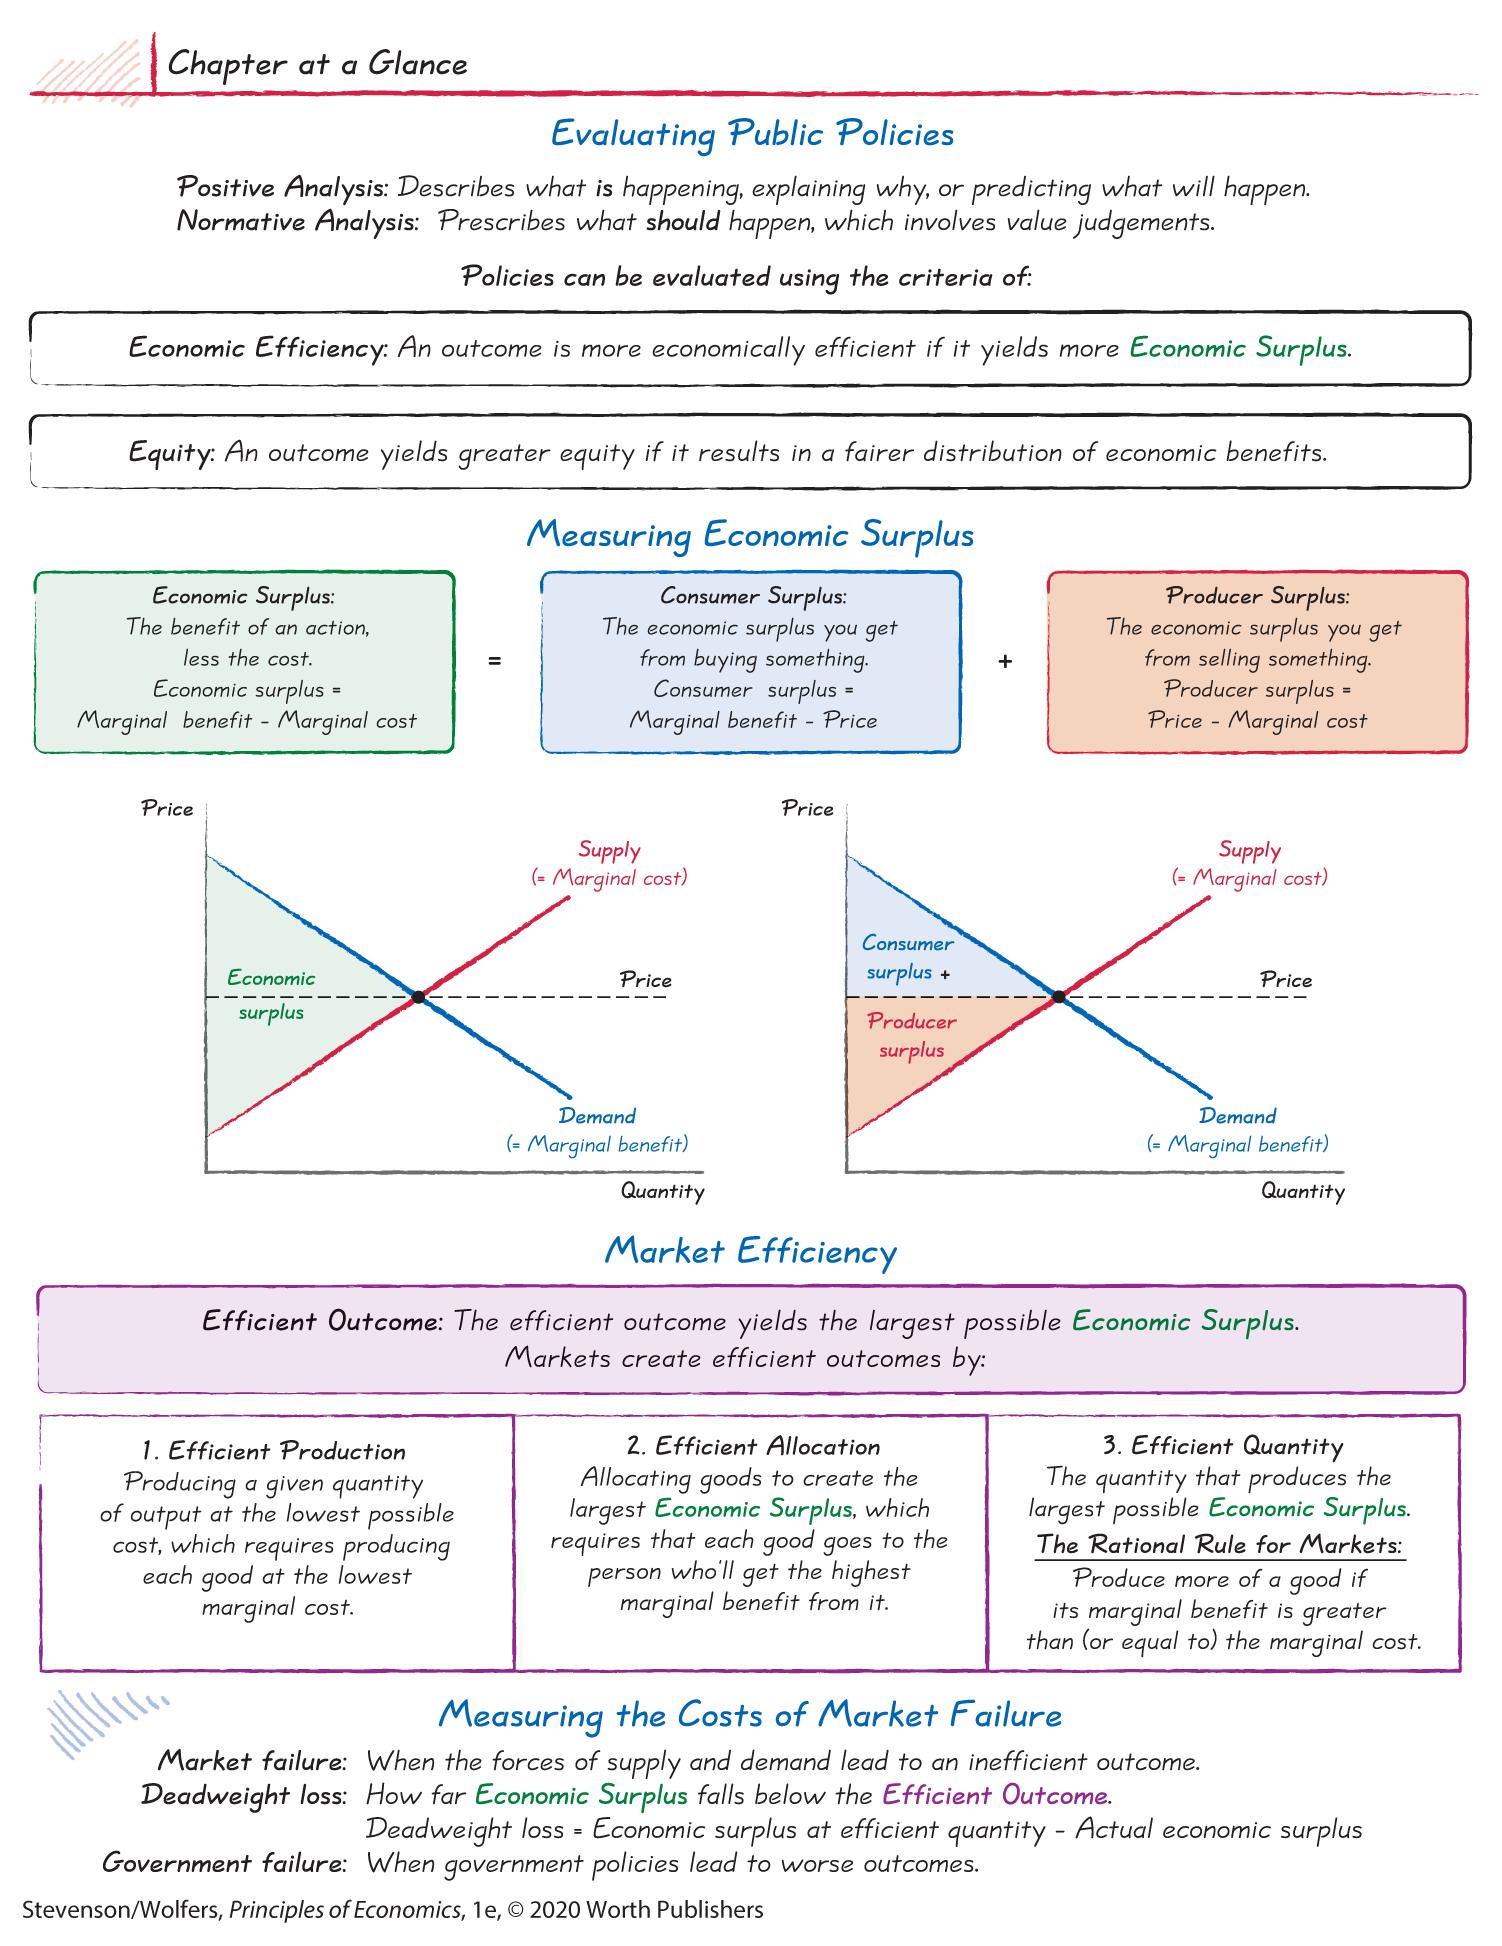 Evaluating Public Policies